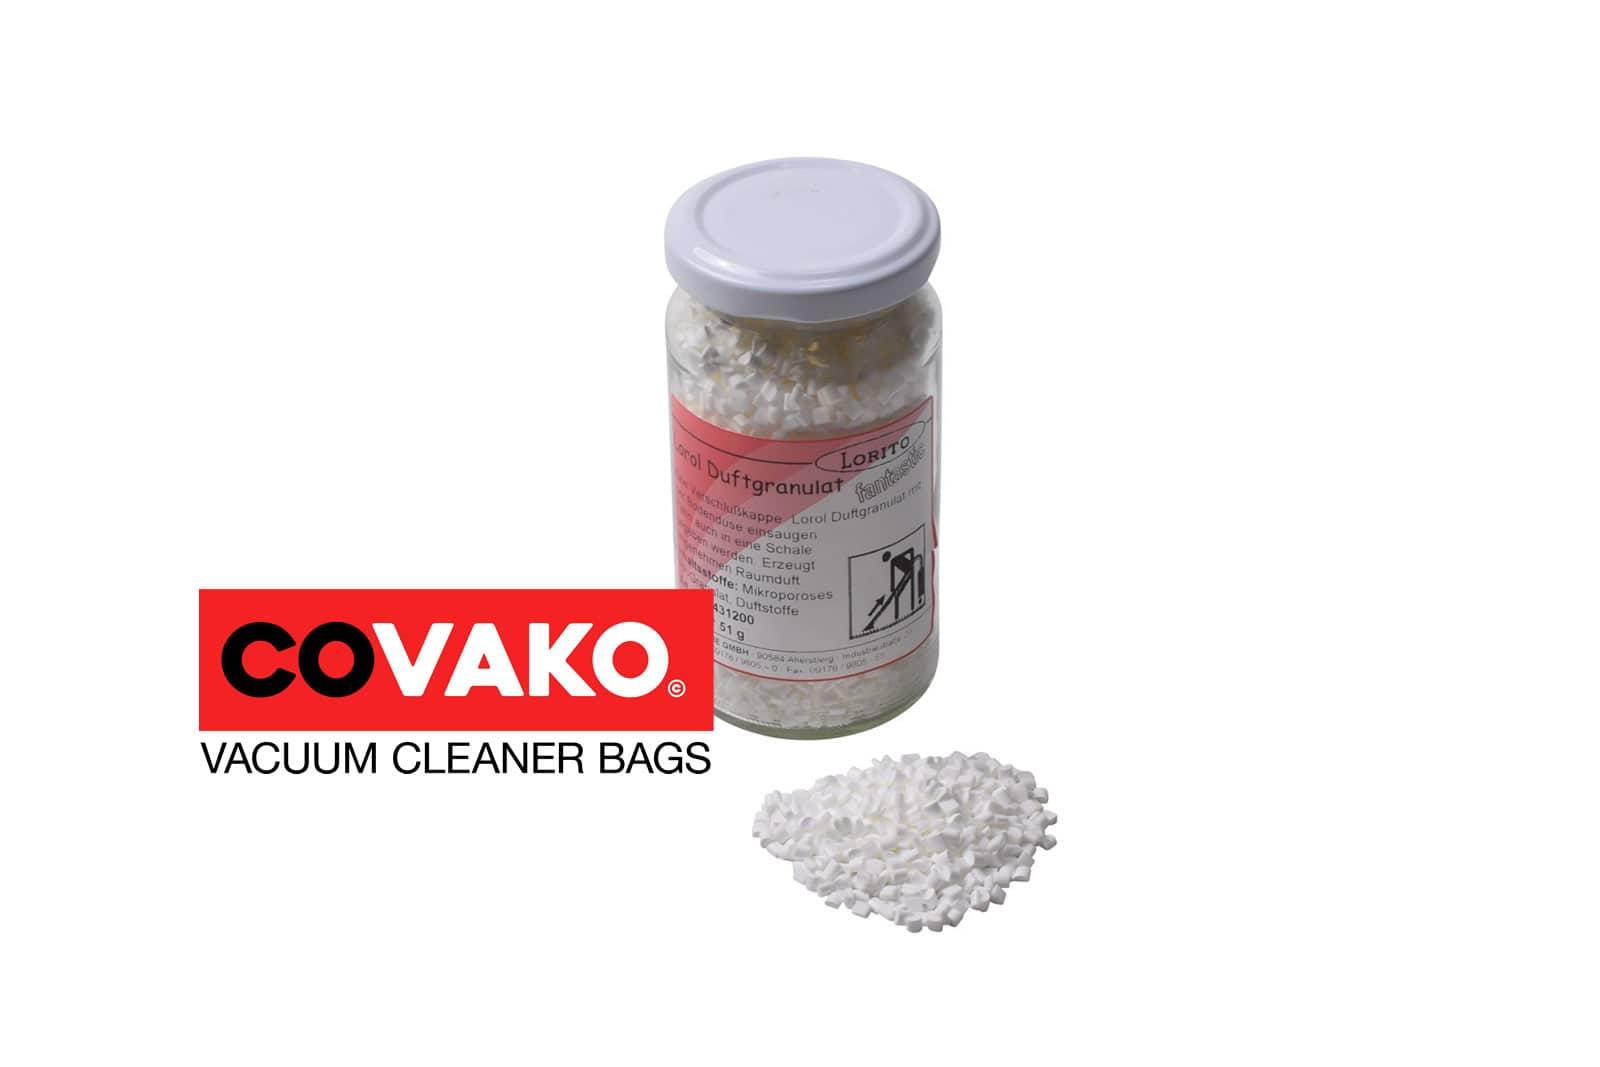 Scents / Part Item - Duftstoffevacuum cleaner bags